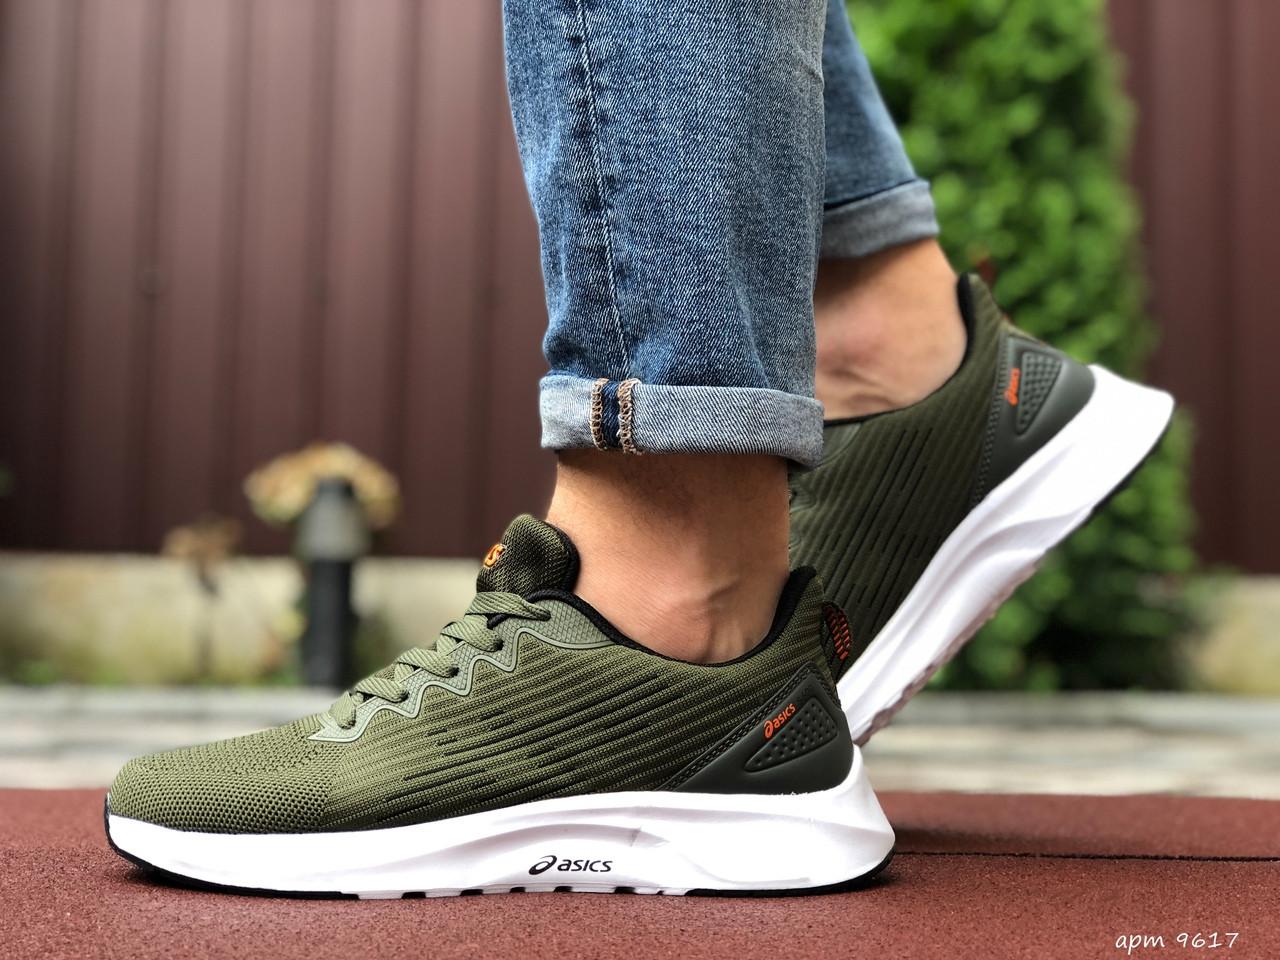 Чоловічі кросівки Asics (темно-зелені) 9617